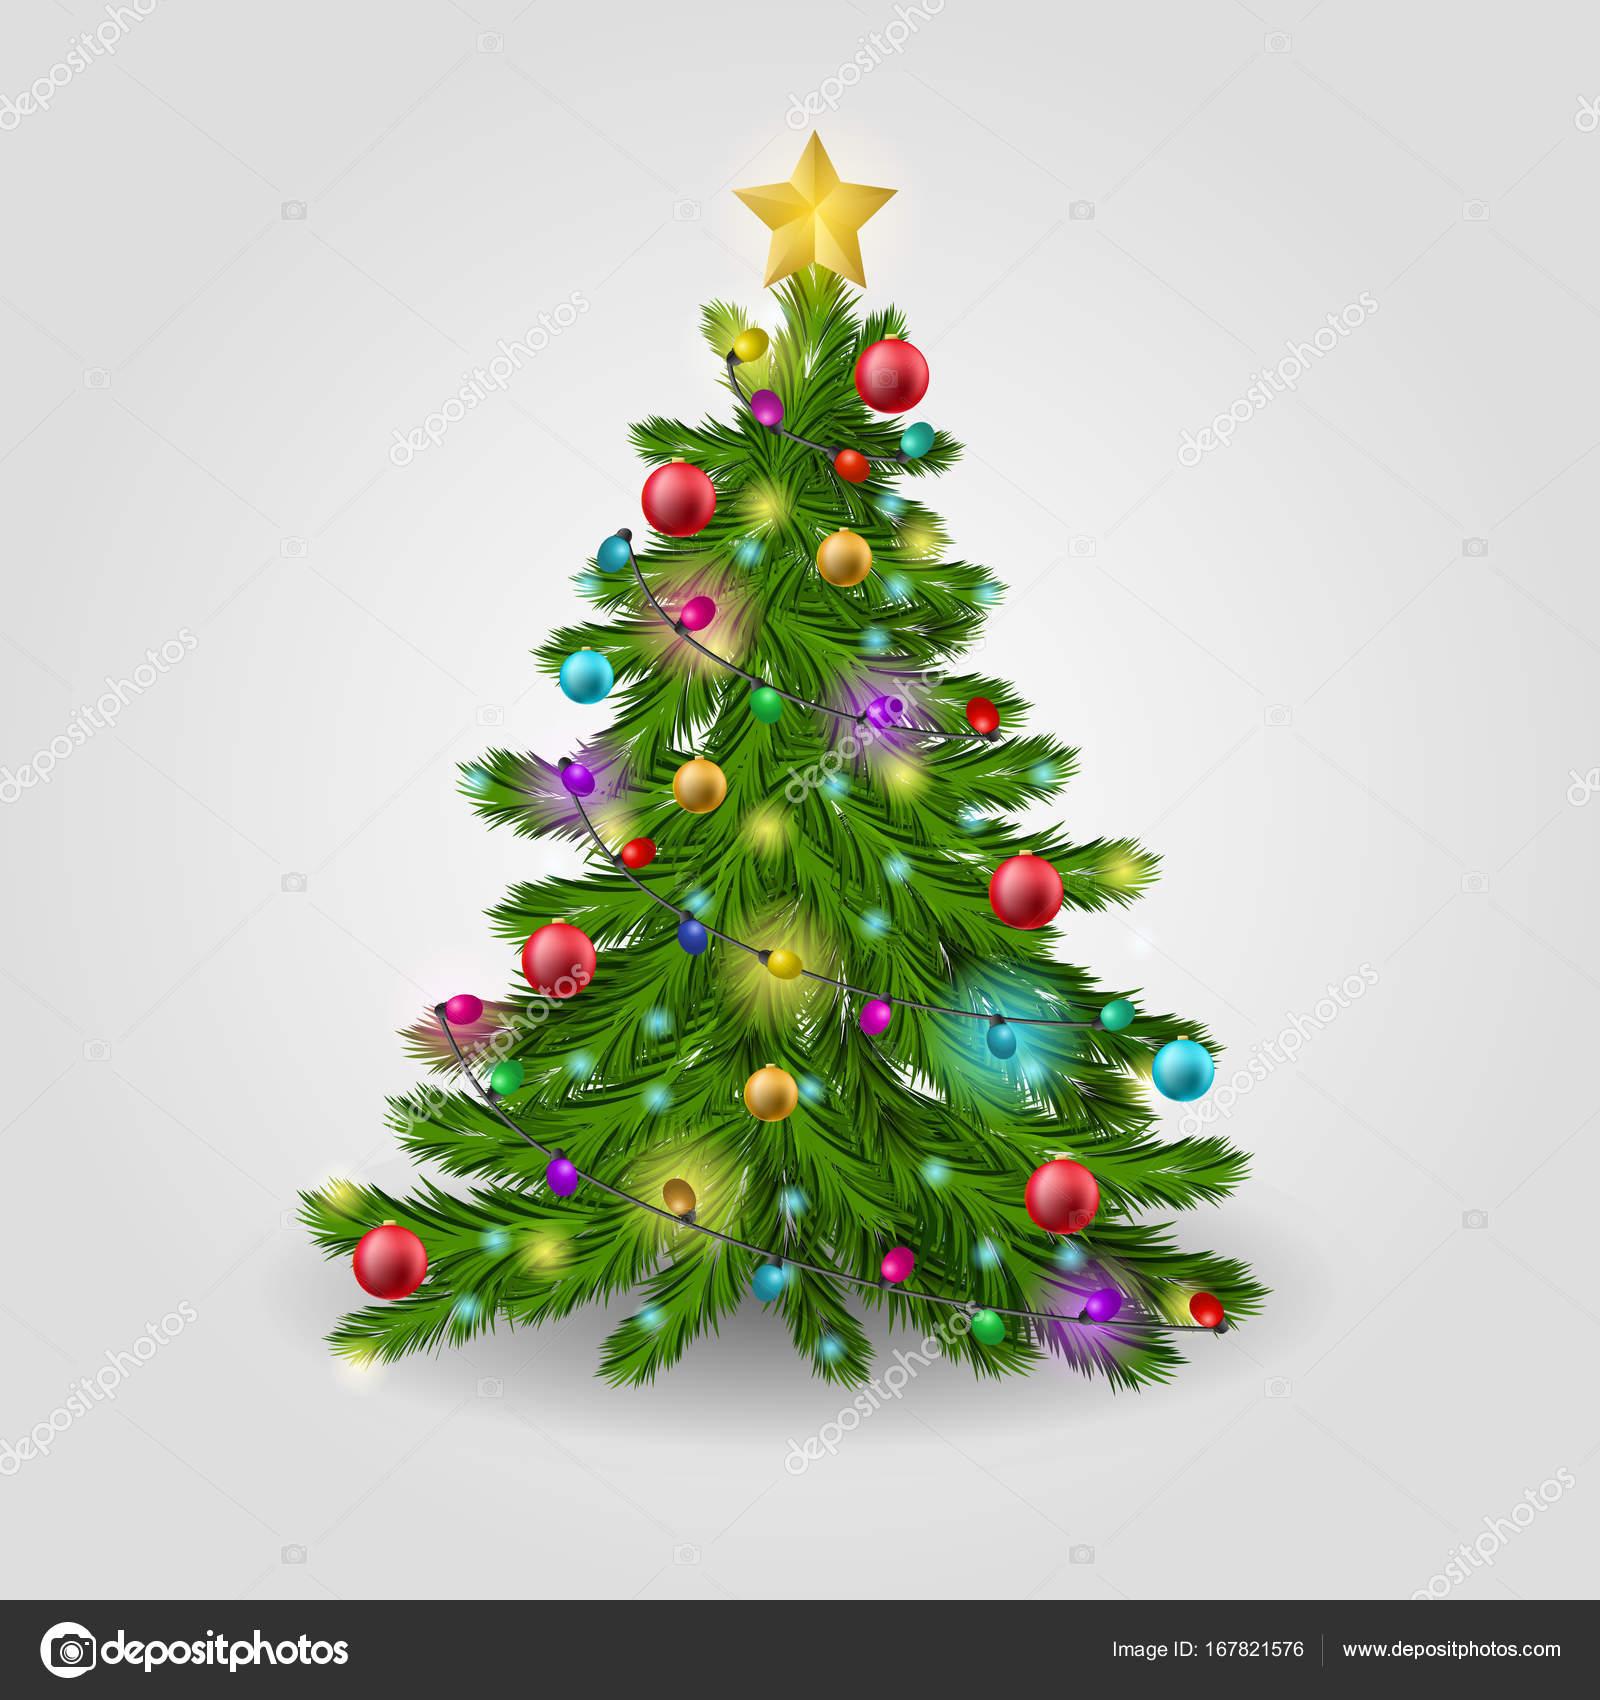 Der Weihnachtsbaum.Der Weihnachtsbaum Ist Geschmückt Mit Bunten Kugeln Eine Girlande